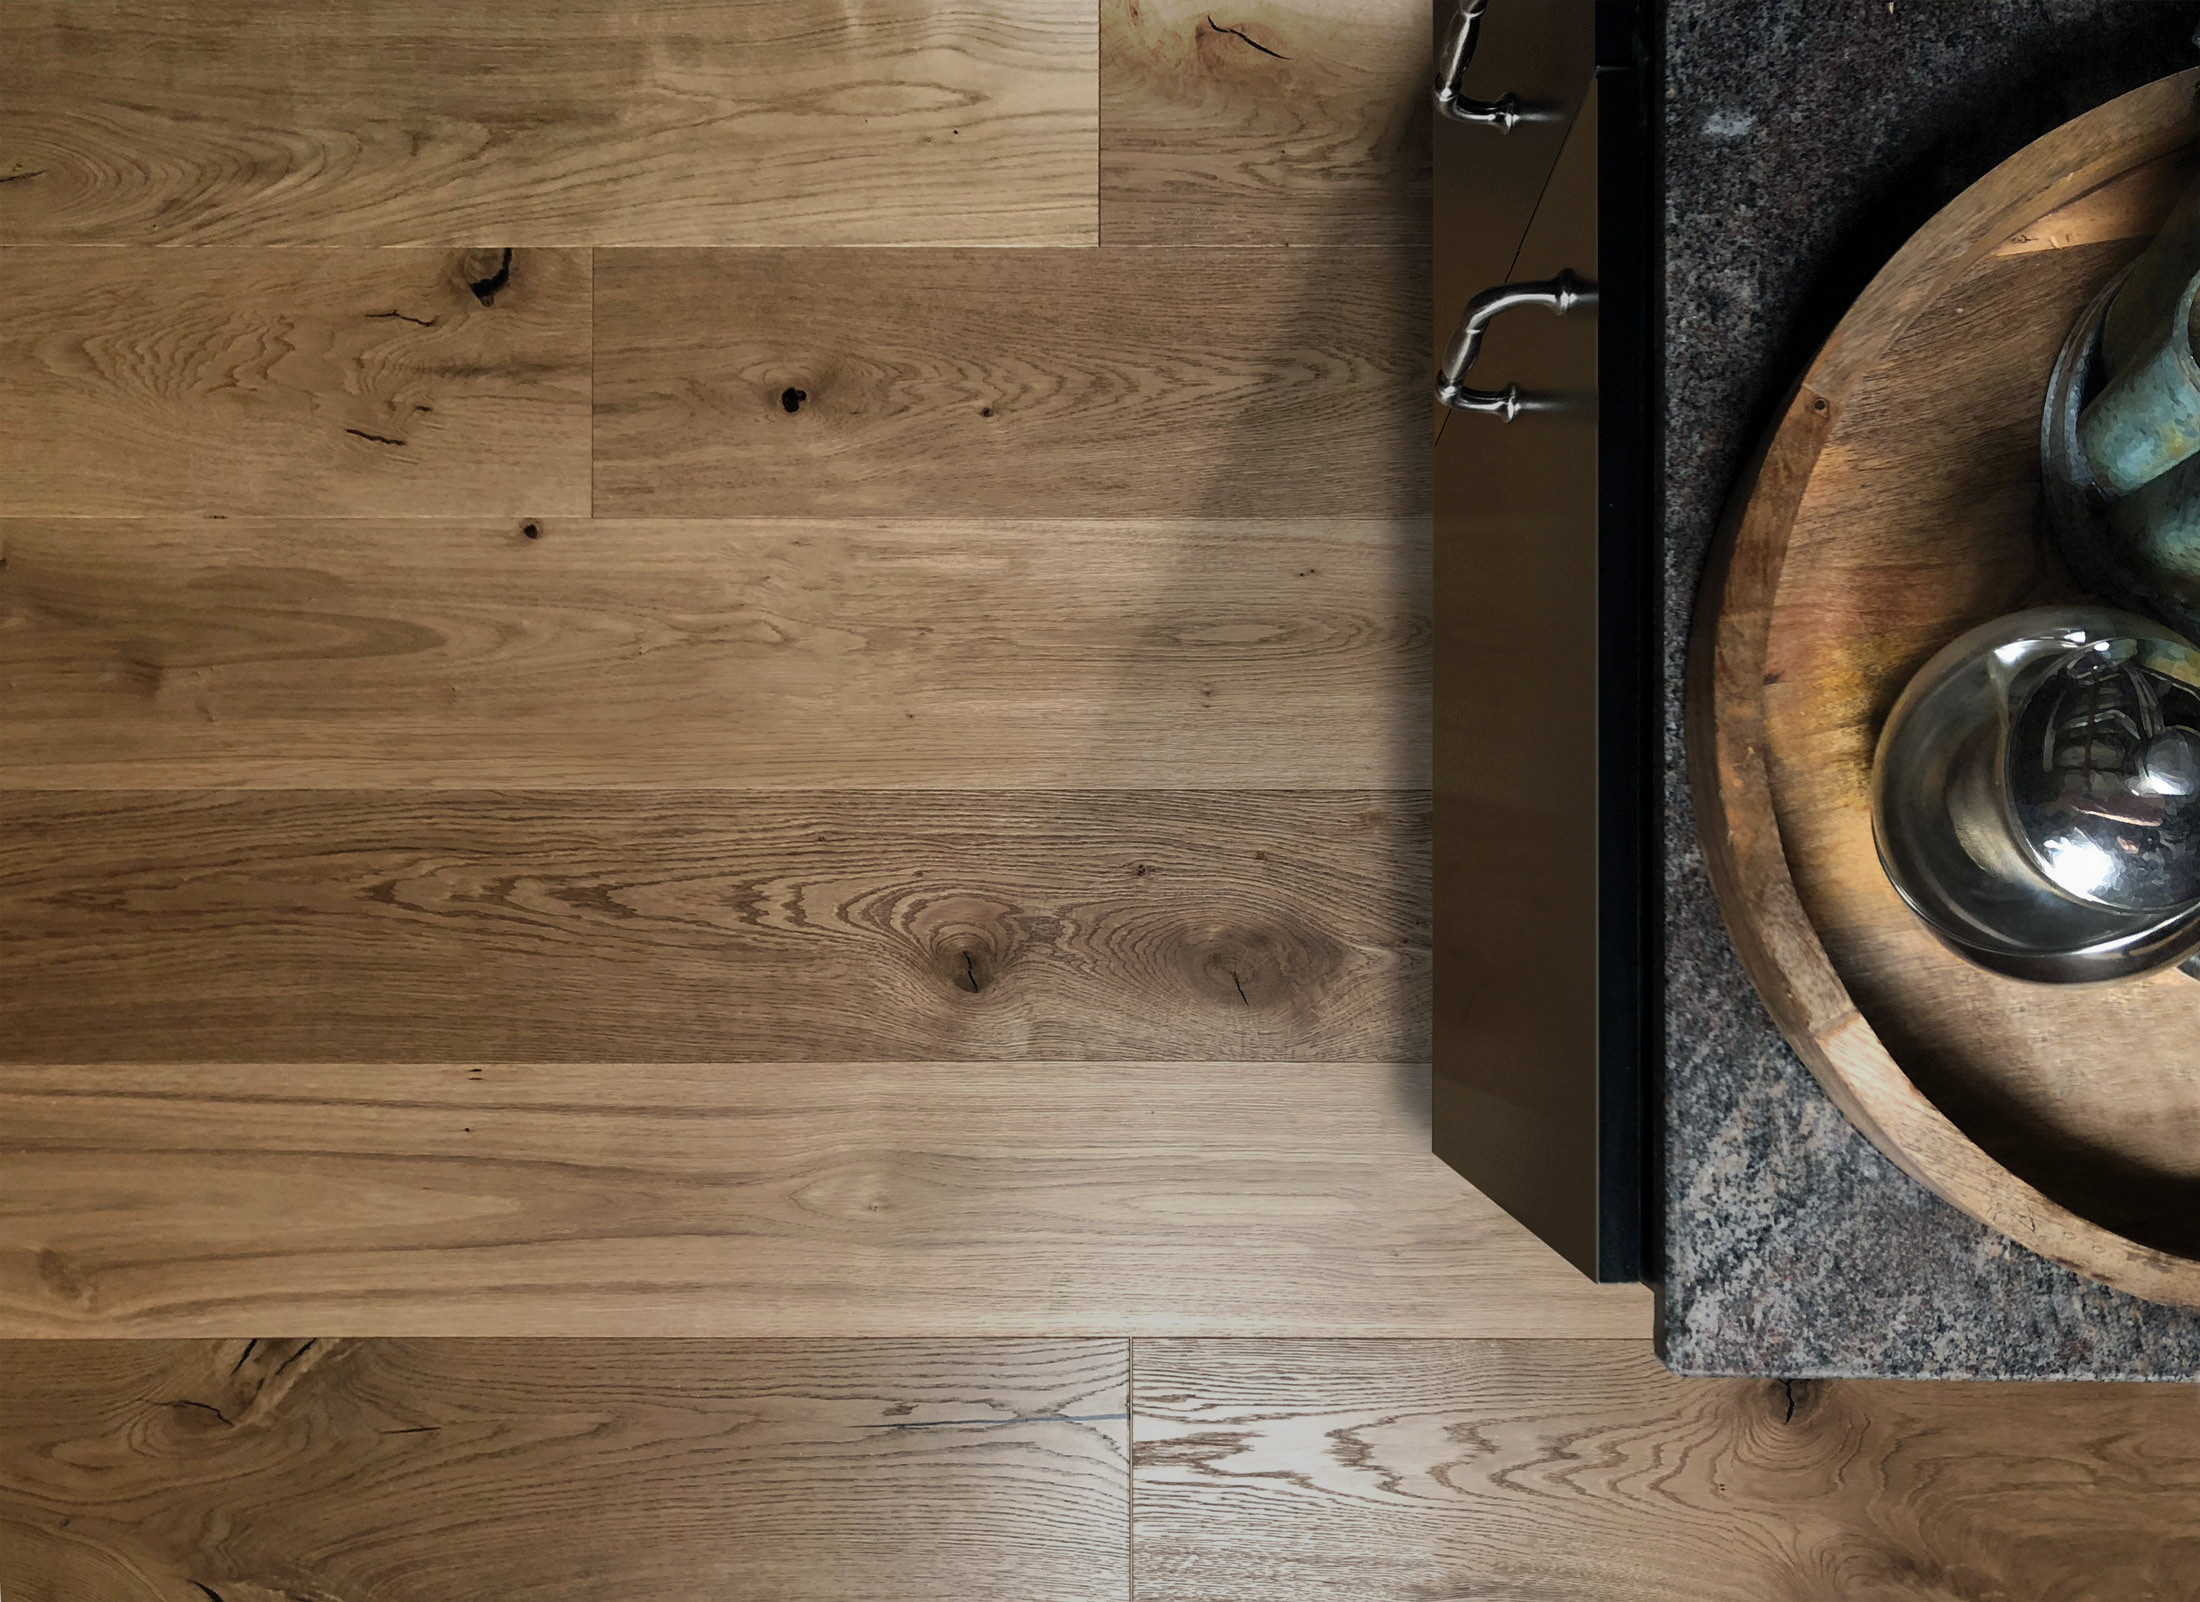 Tahoe-Hardwood-Flooring-with-countertop